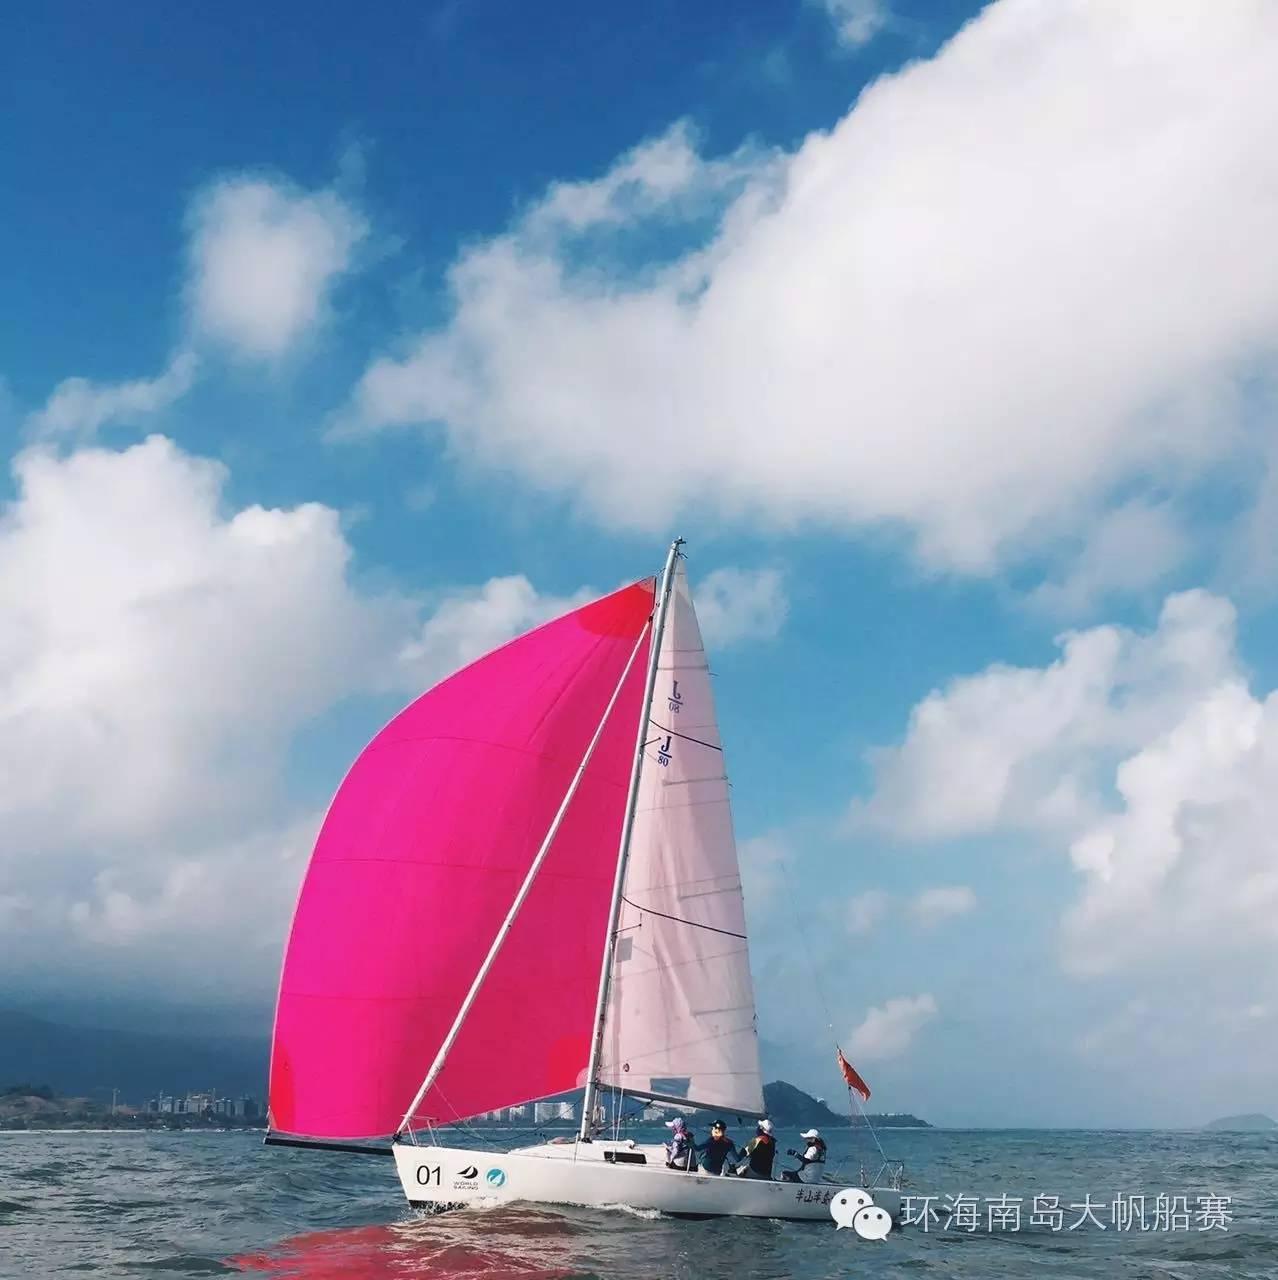 【富力湾帆船赛】各路大咖悉数就位 31fcf89a2a6bc0fd87c03792184cd0d8.jpg